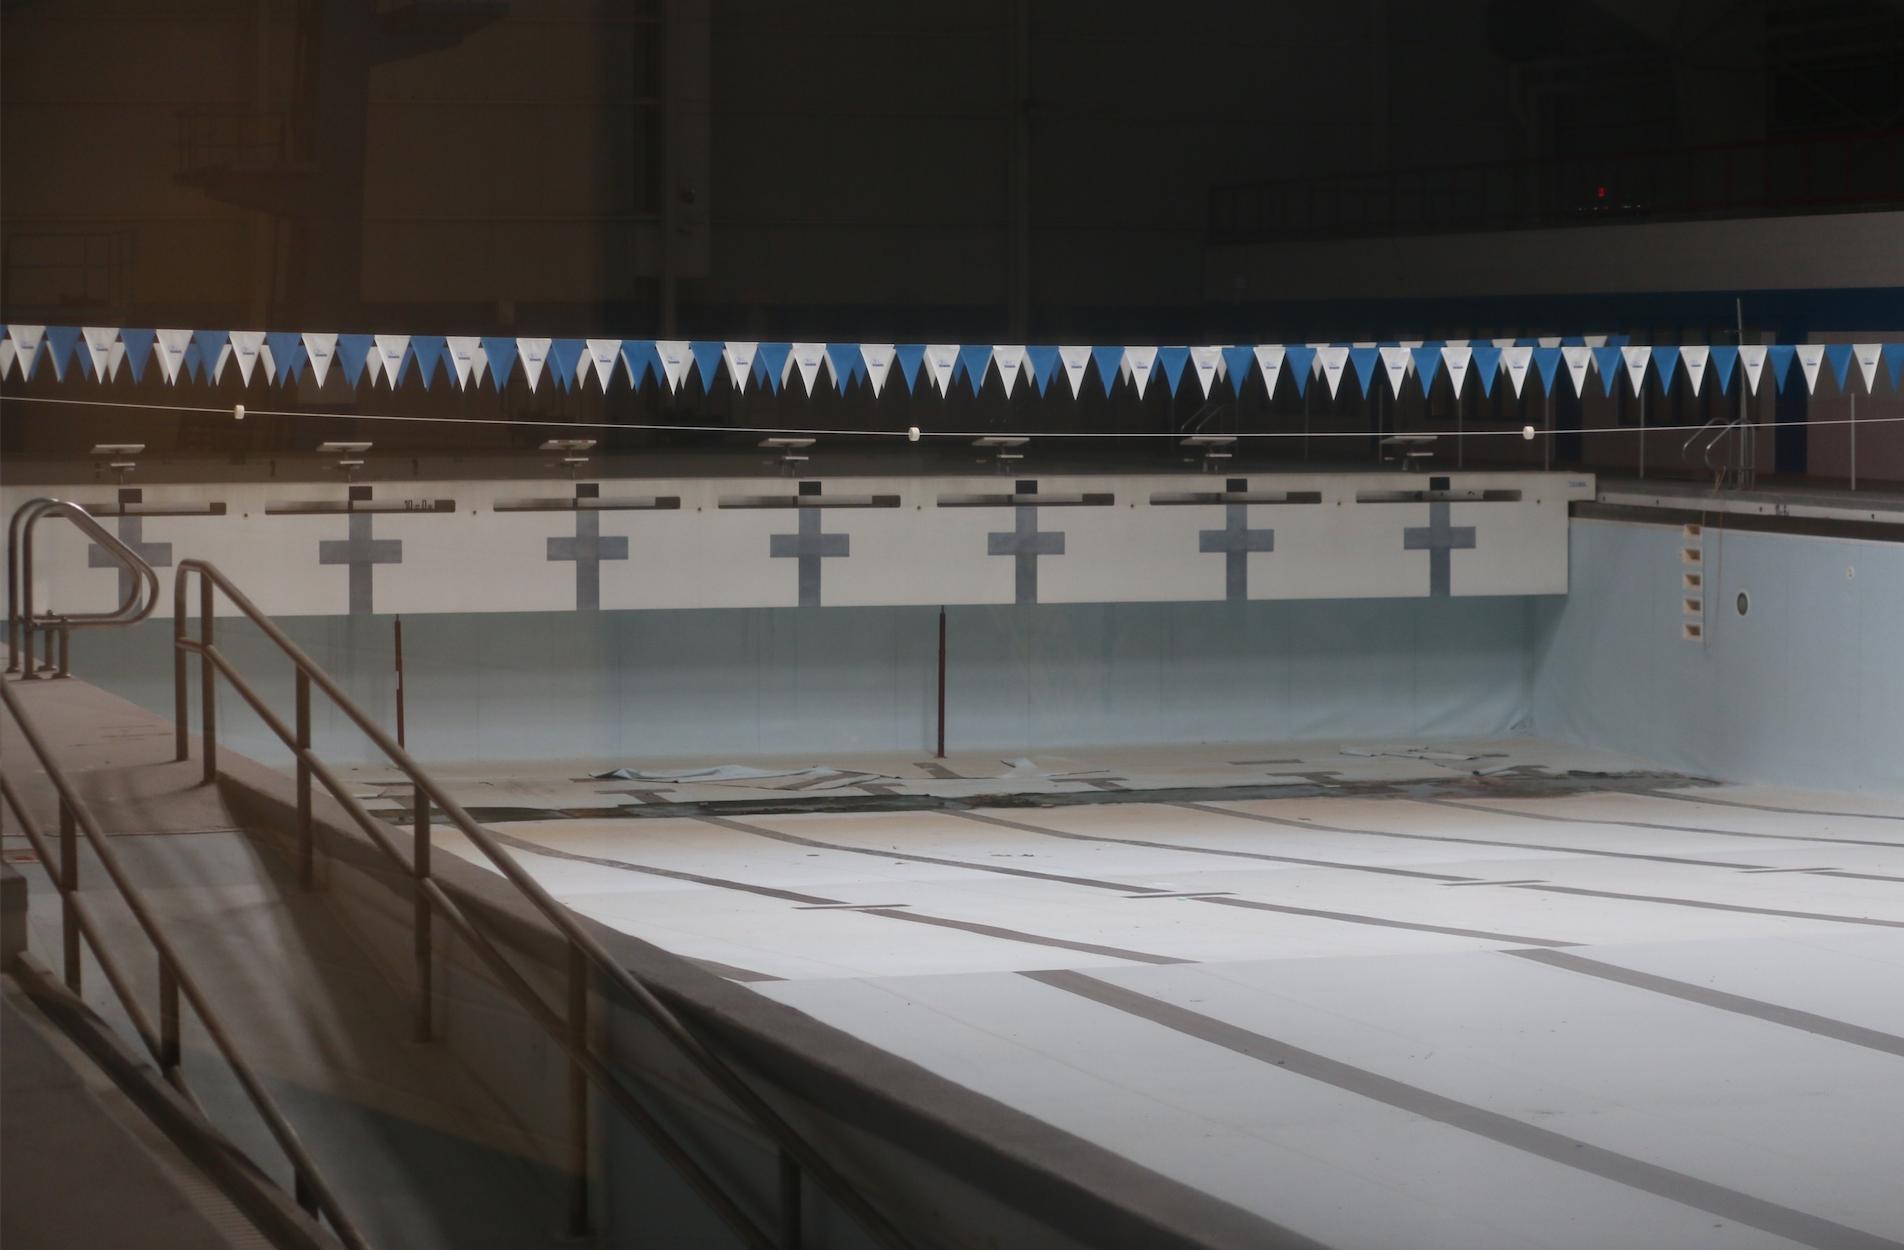 New police headquarters, repurposed pool area top 2020 college goals